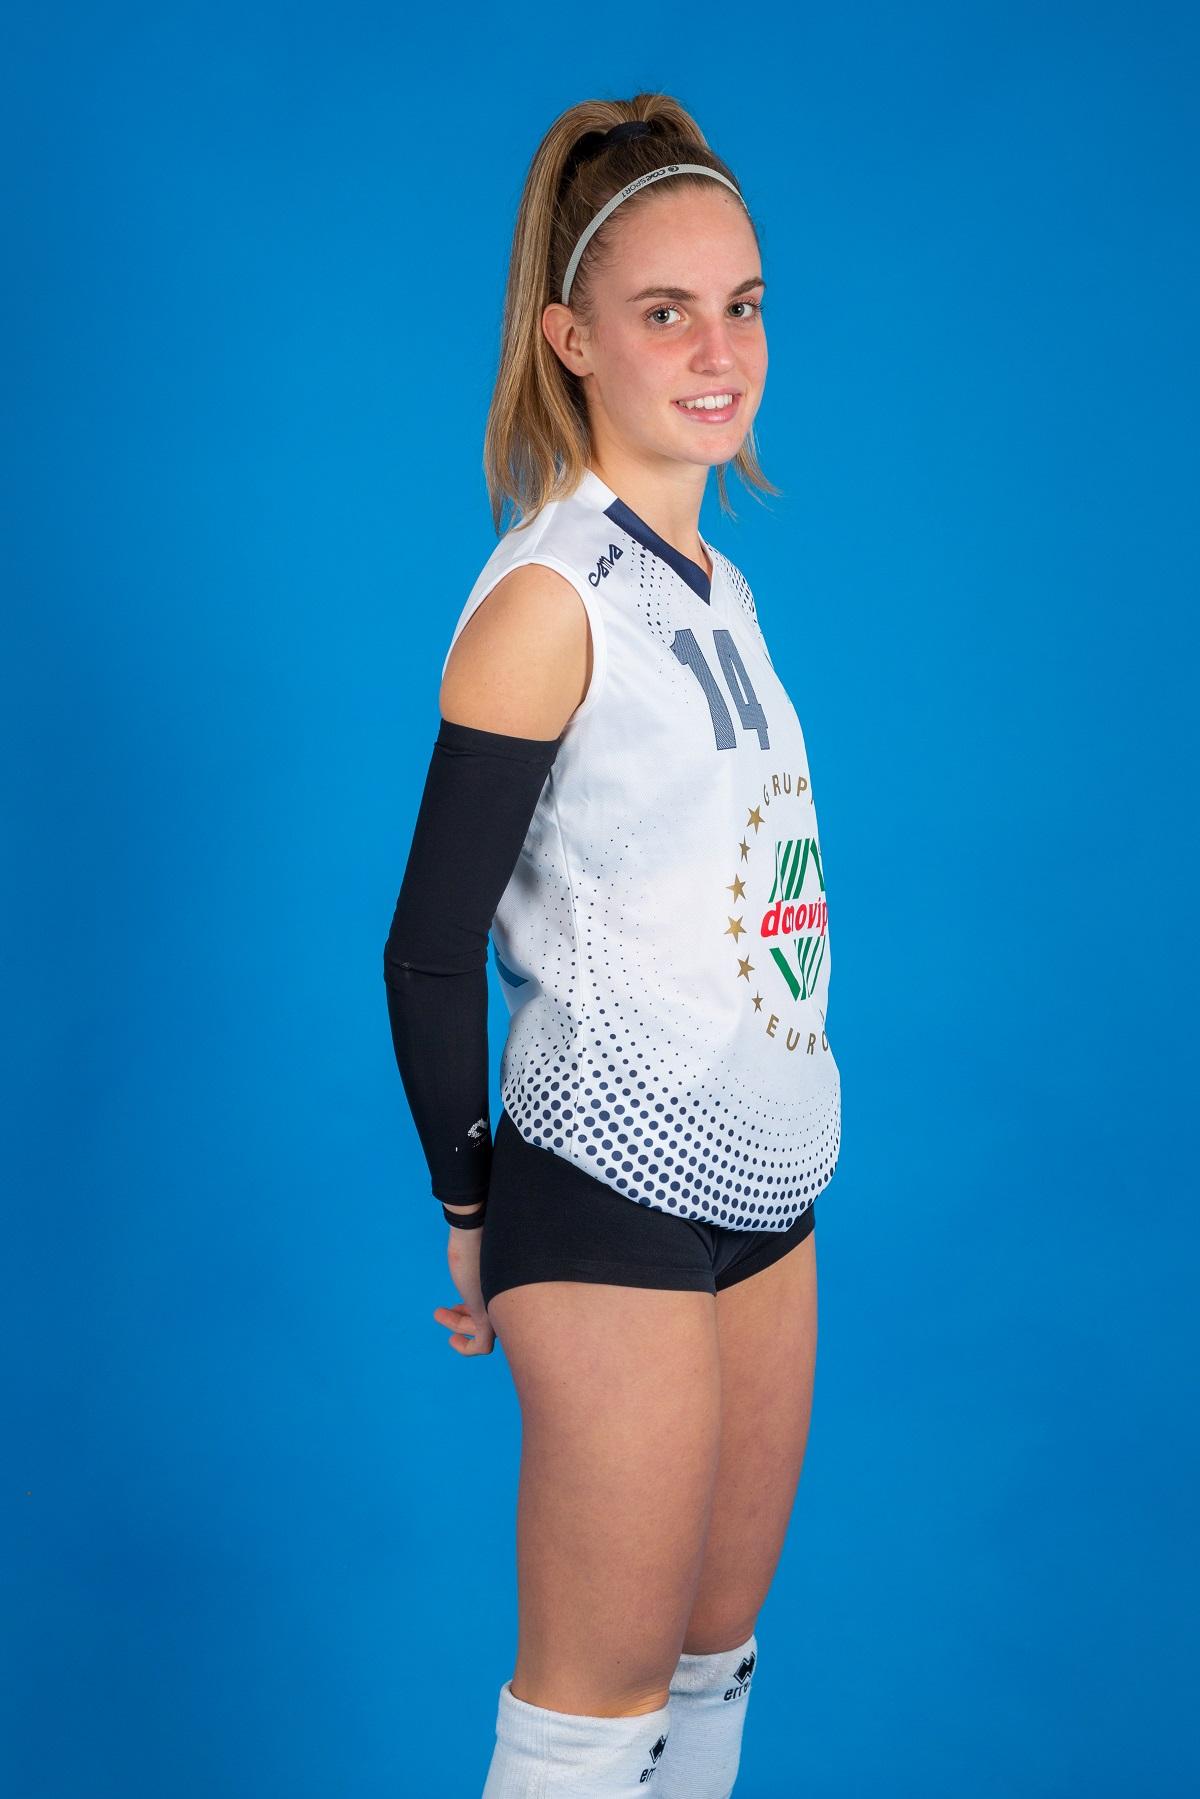 Jessica Marcon